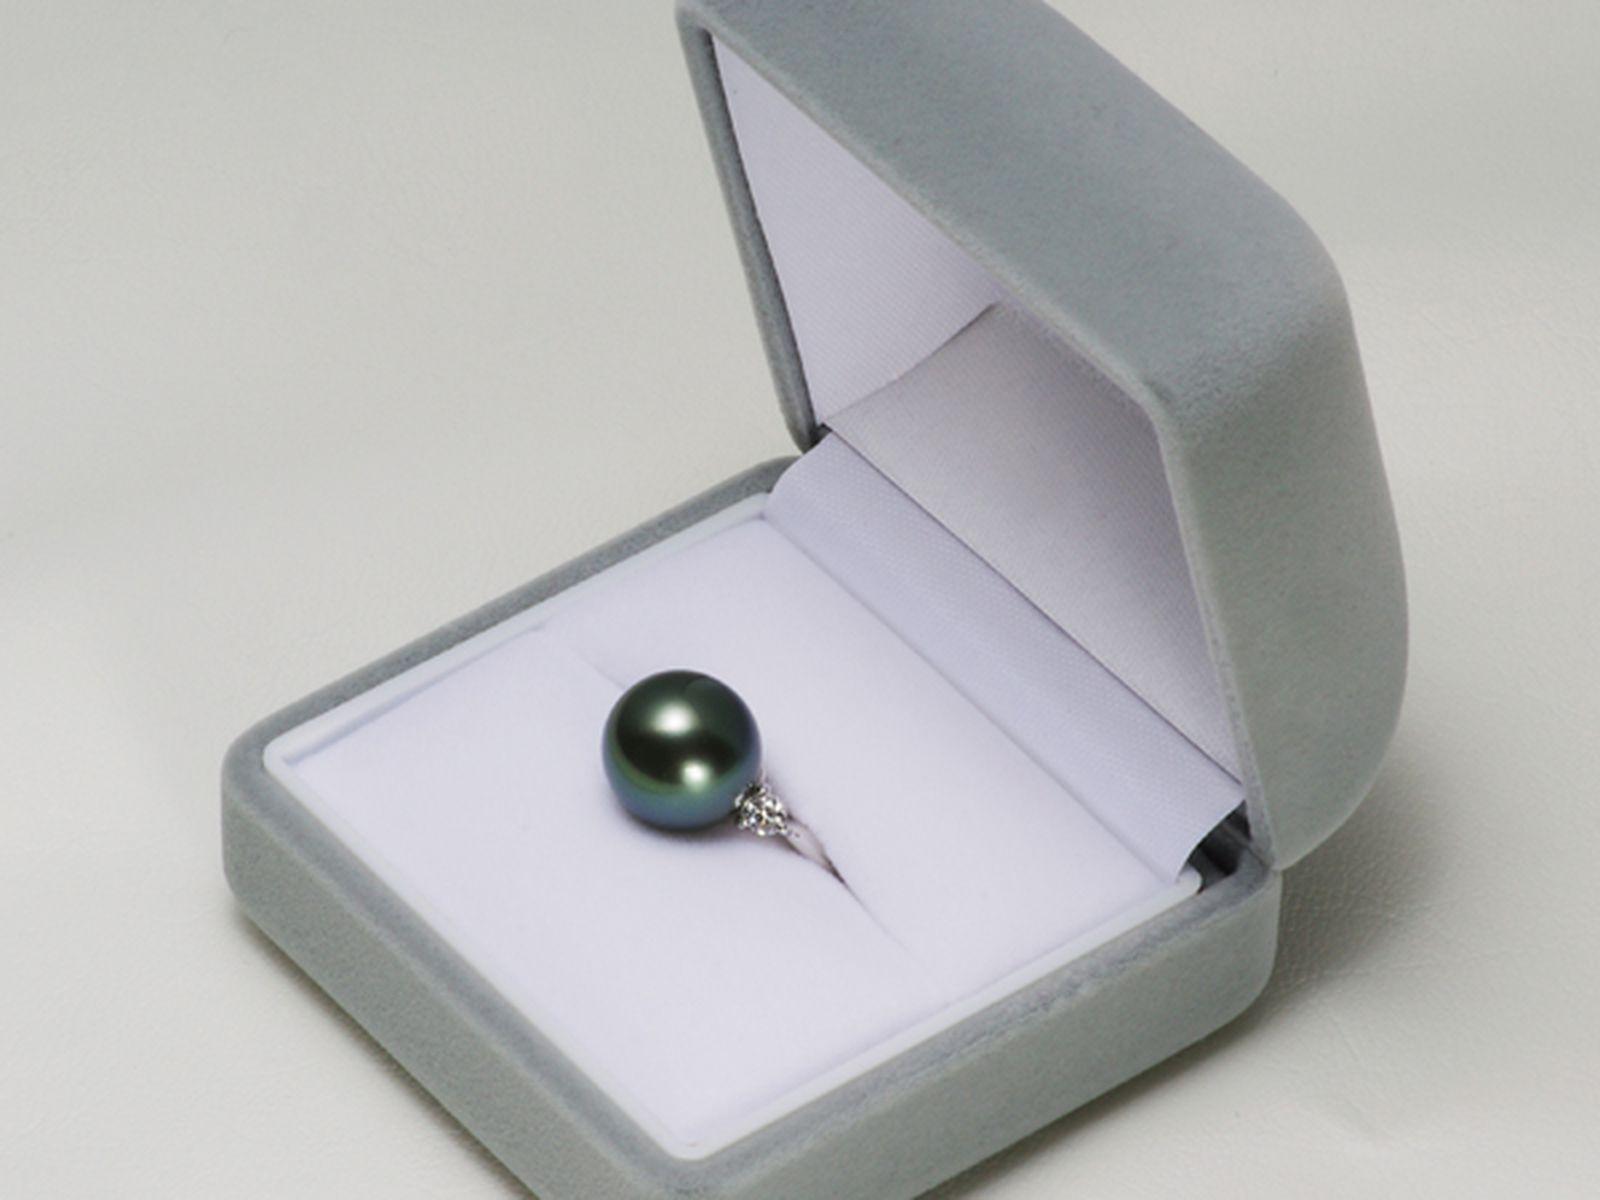 タヒチ黒蝶真珠 パール リング 約12.2mm プラチナ Pt900 ピーコックグリーンの写真